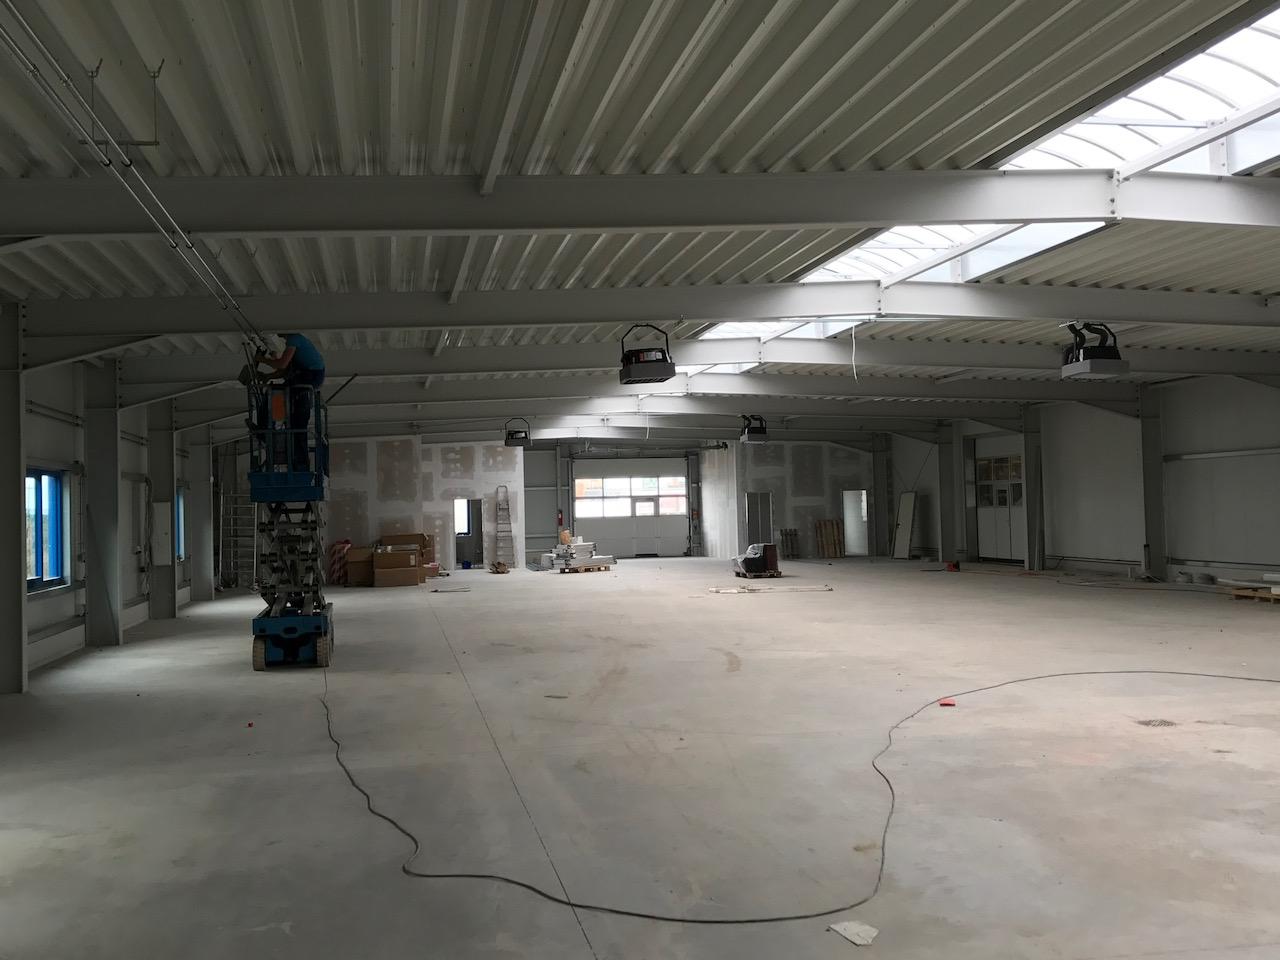 Rhedach-Werkhalle wird mit Pelletheizung ausgestattet